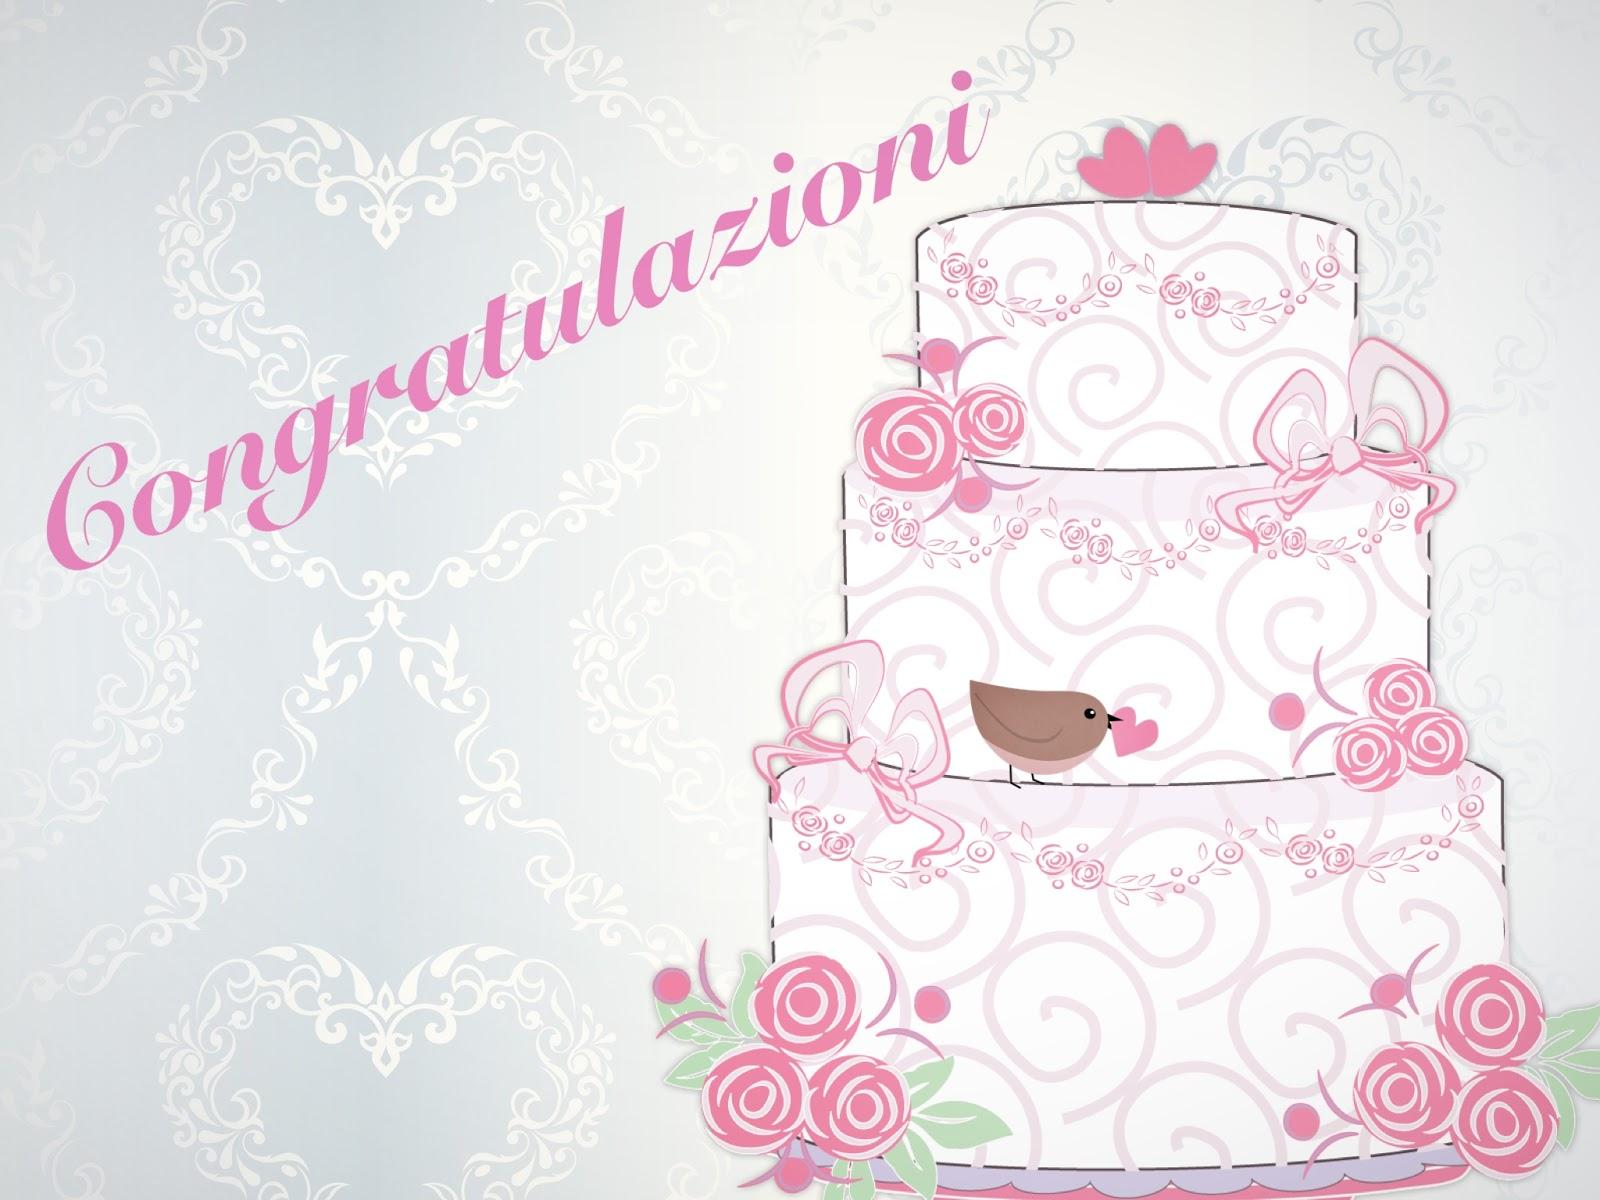 Auguri Il Vostro Matrimonio : Congratulazioni per il vostro matrimonio immagini